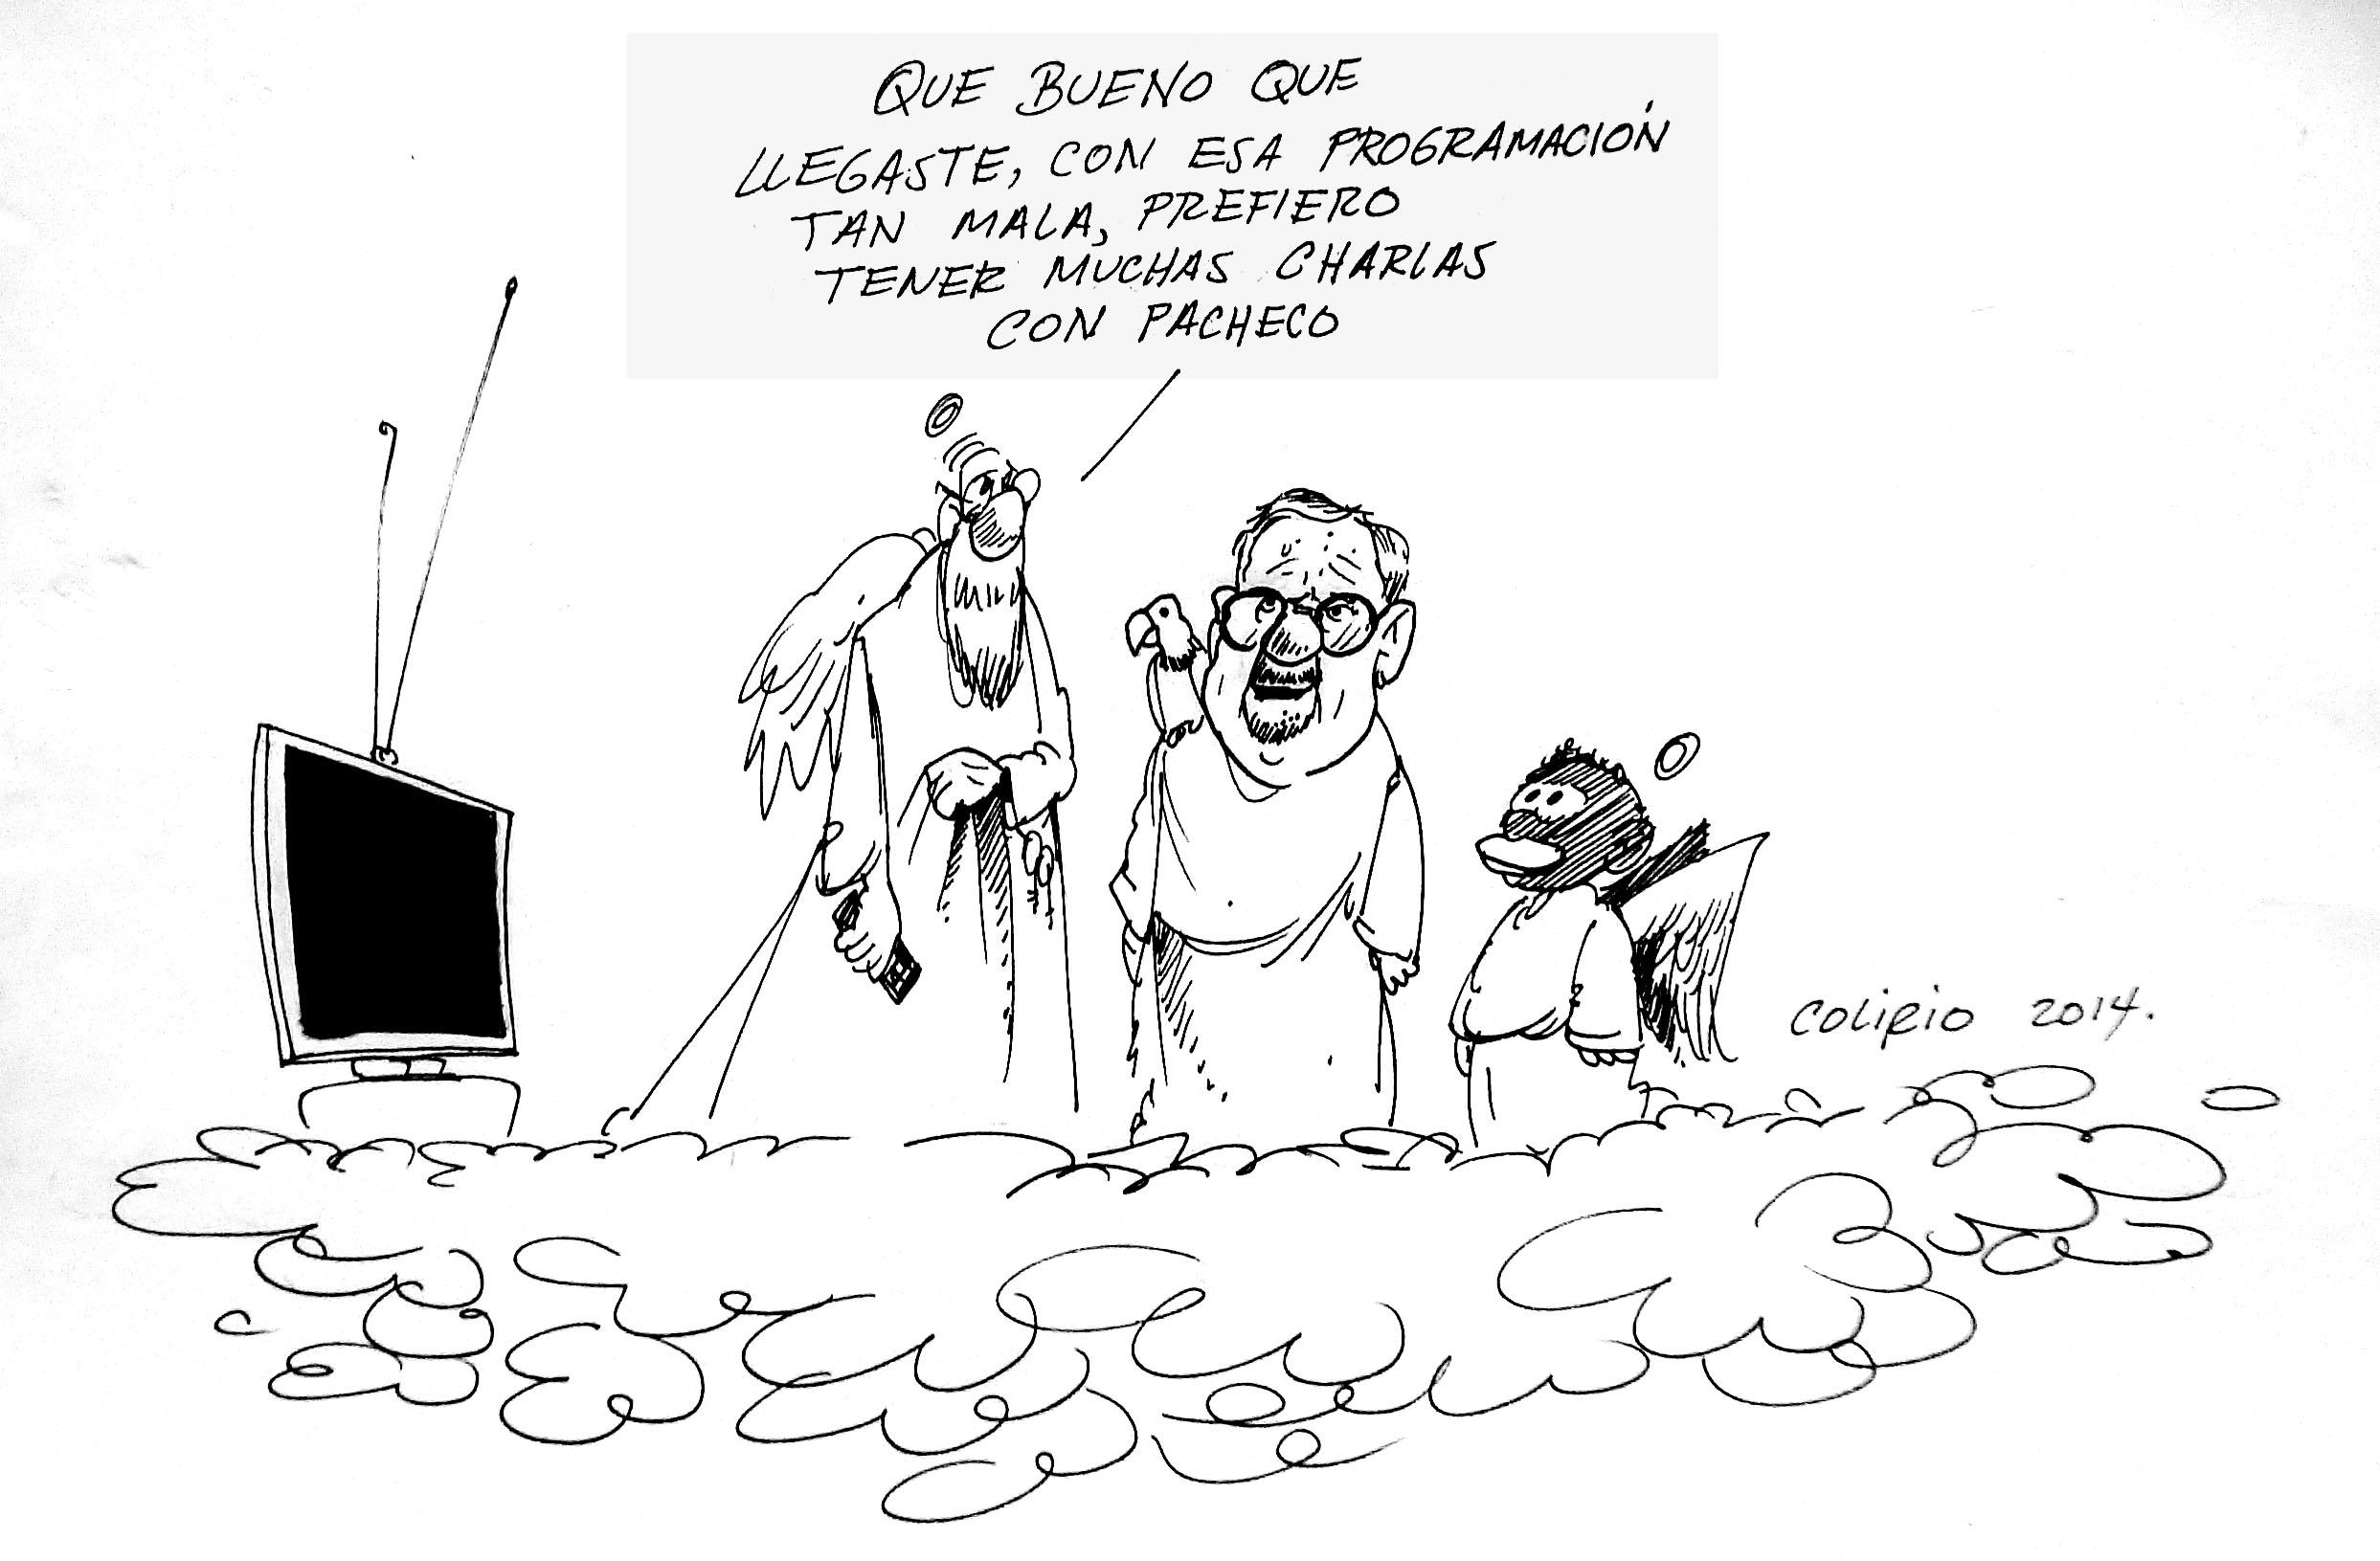 carica viernes 14 de febrero de 2014